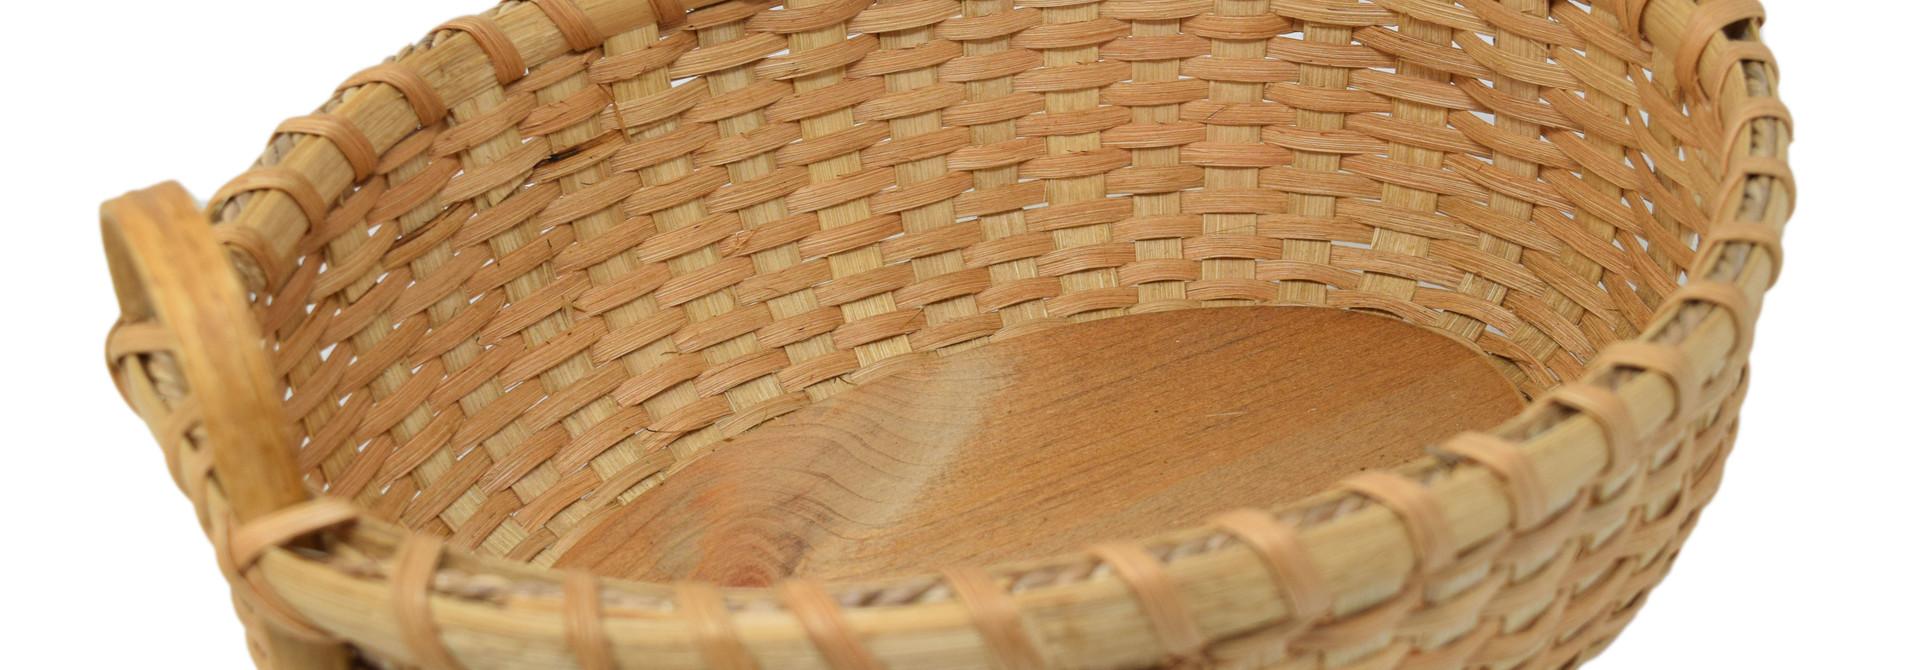 Oval Server Basket